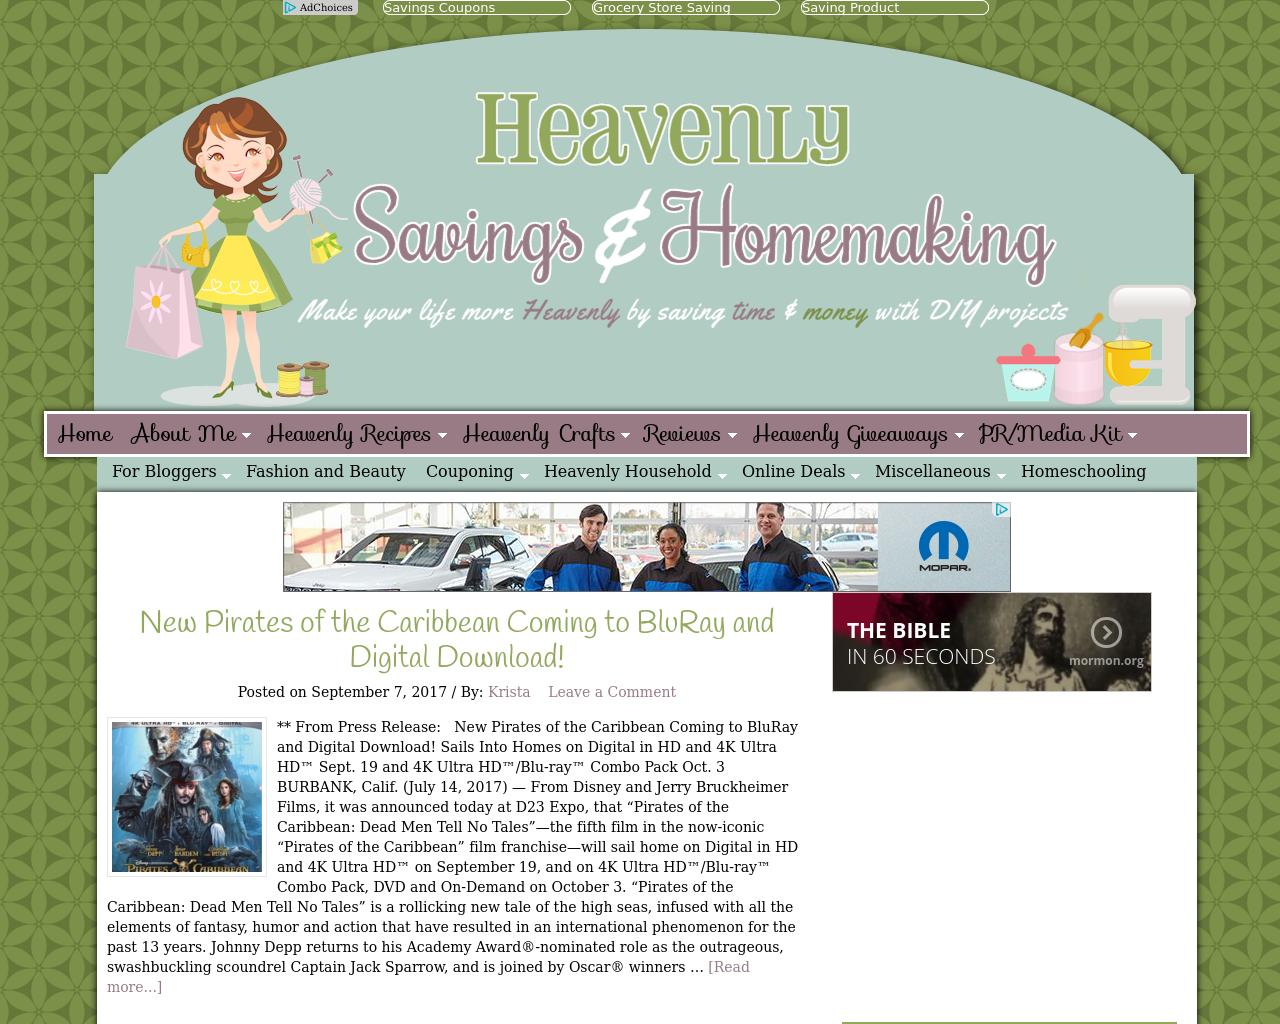 Heavenly-Savings-&-Homemaking-Advertising-Reviews-Pricing